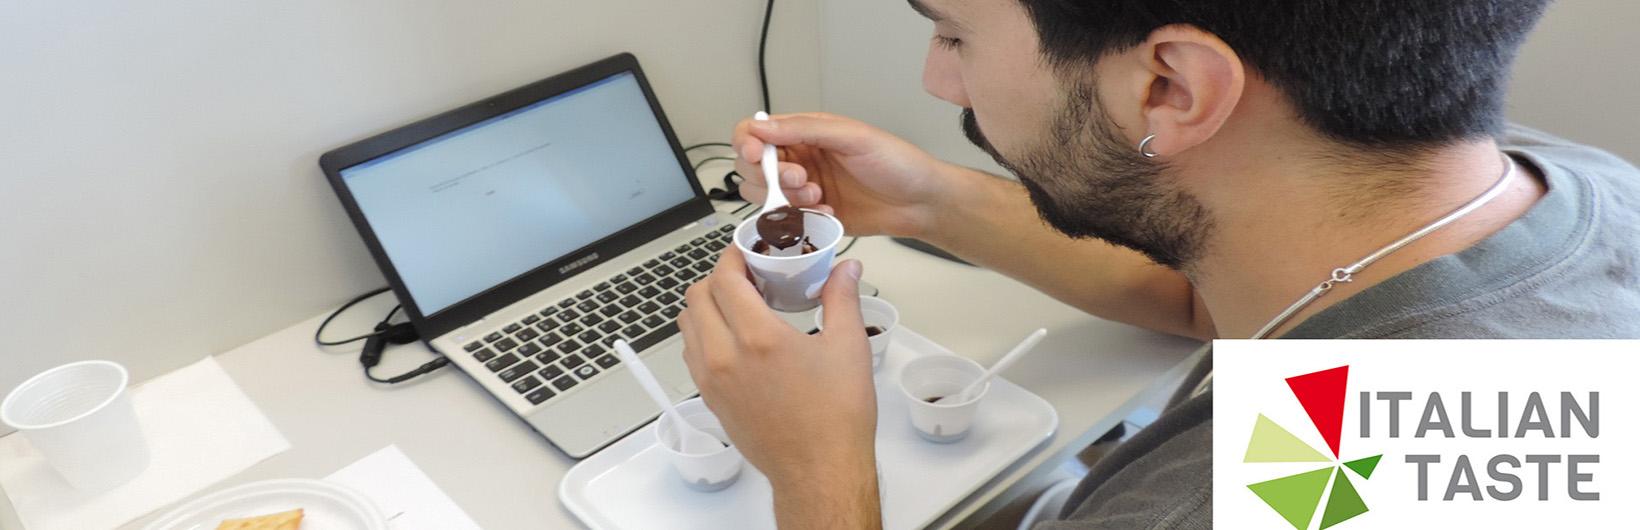 Assaggio di cioccolato a diverse concentrazioni di zucchero